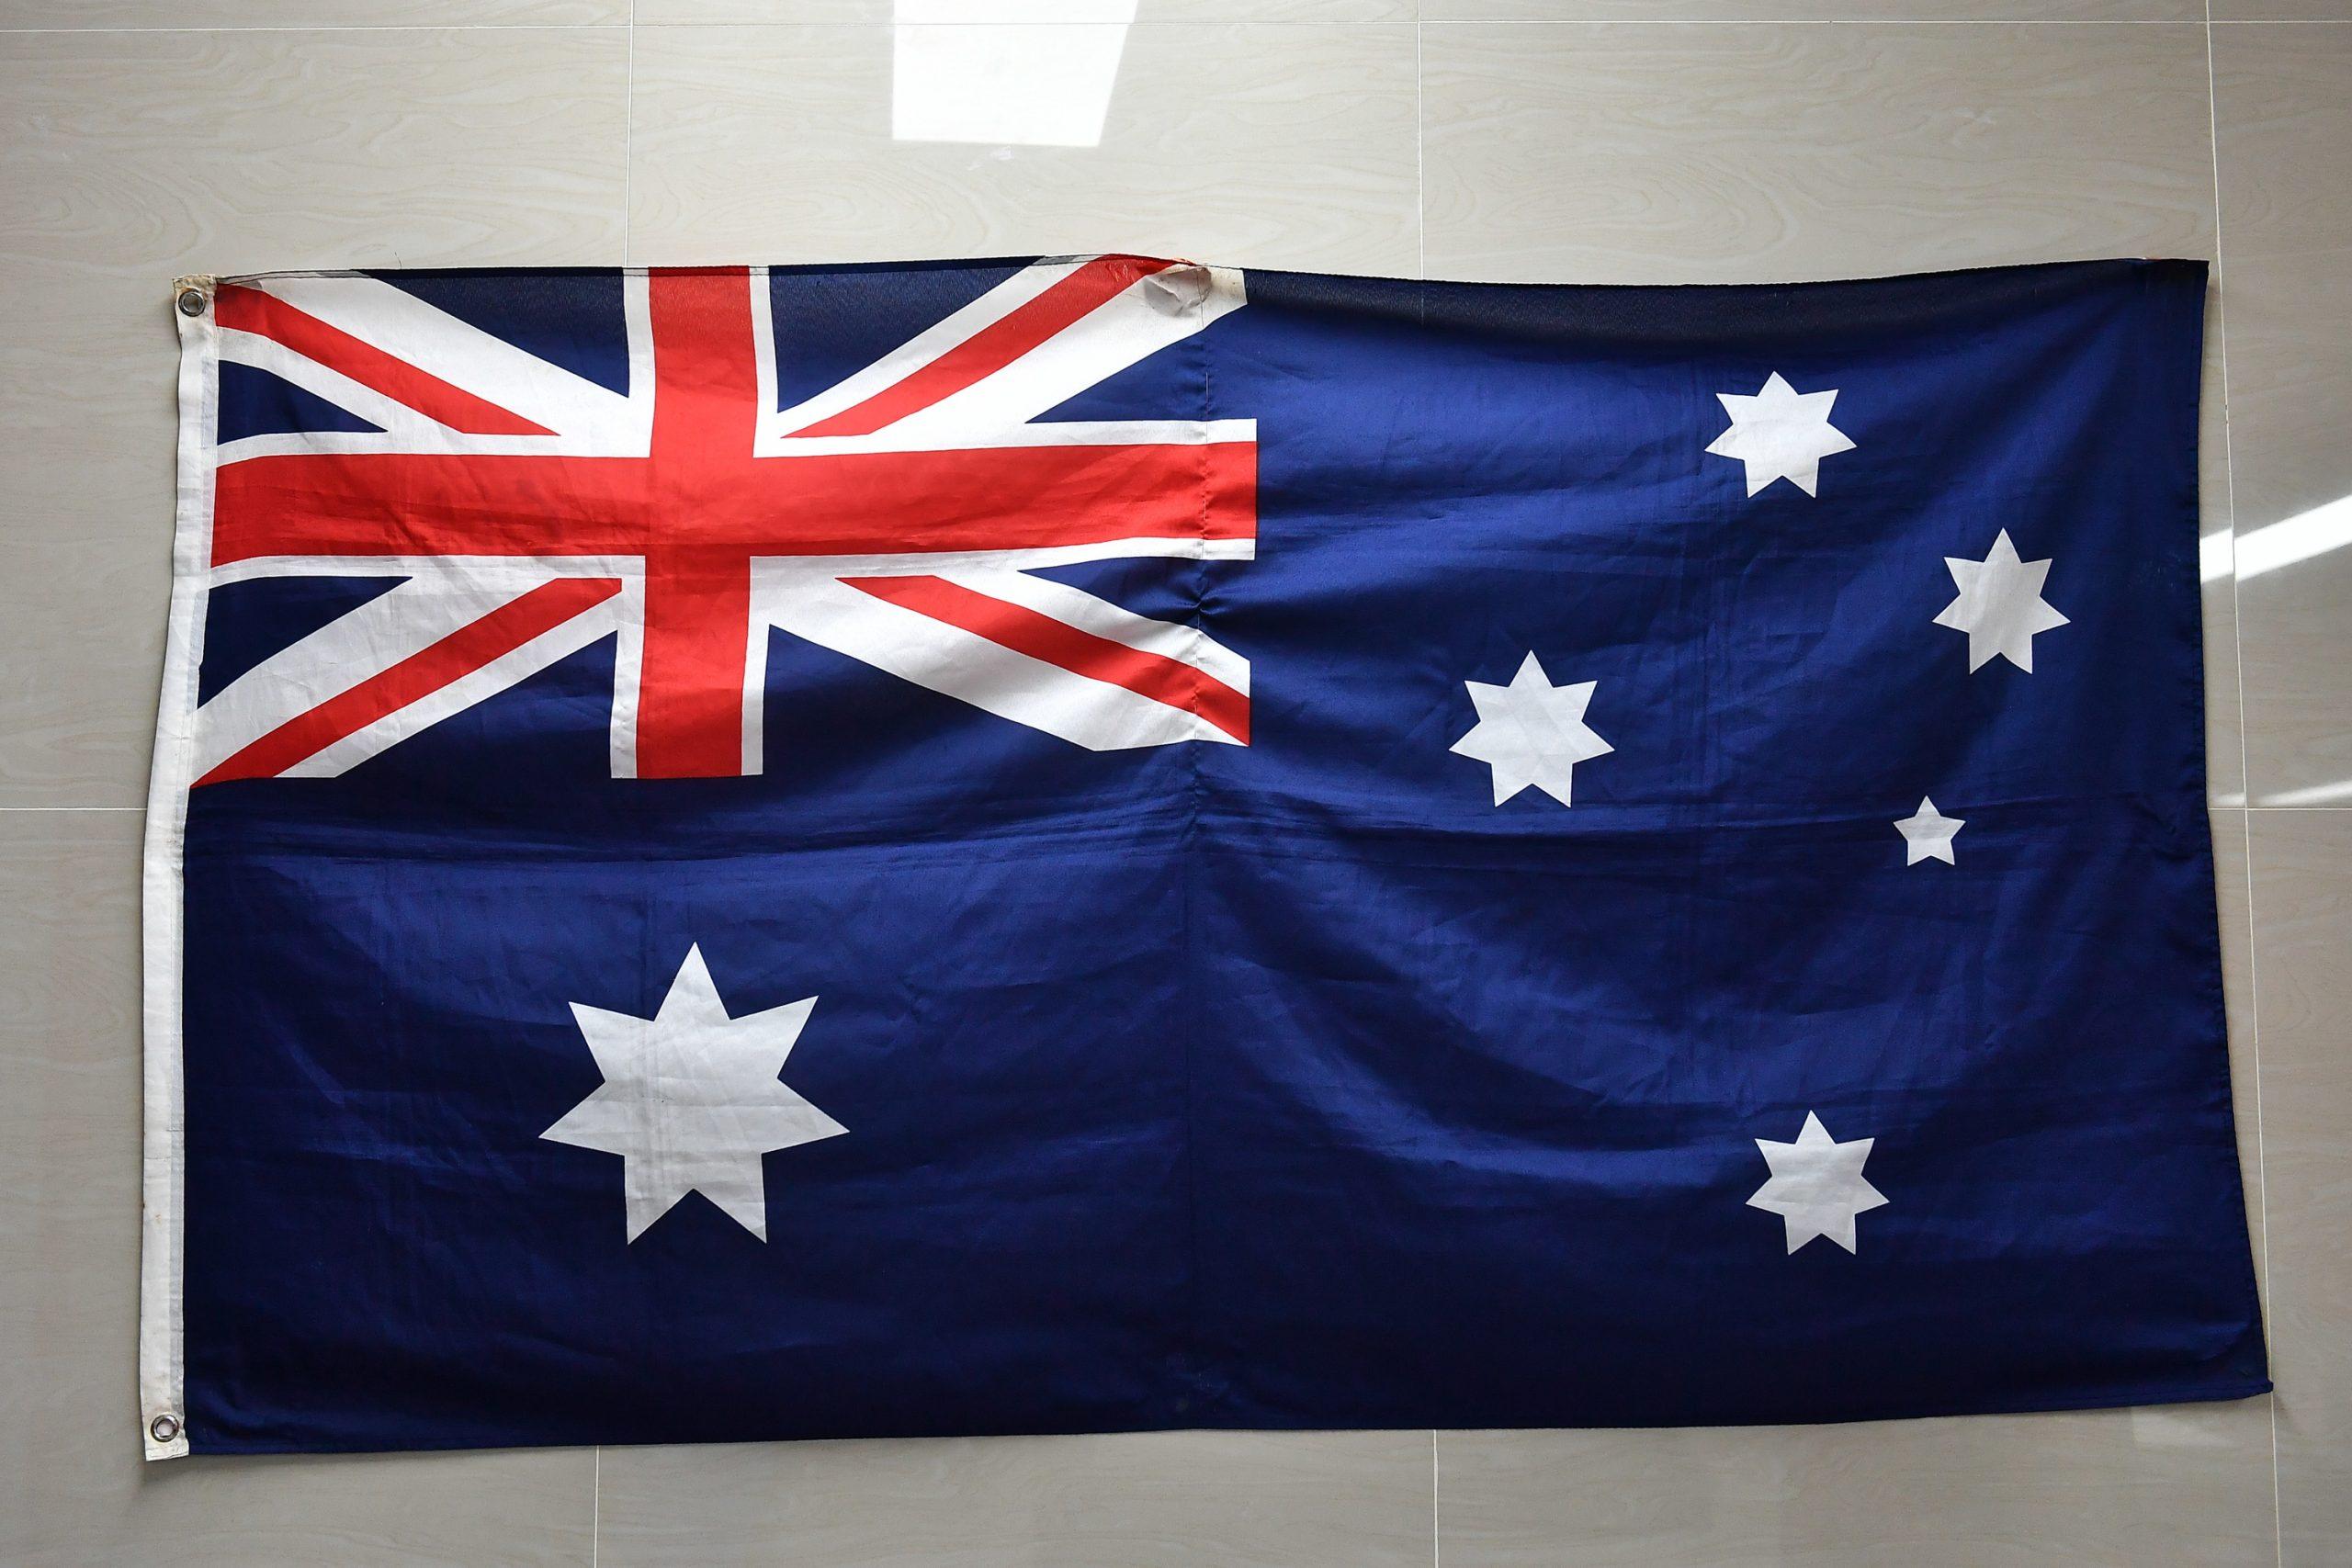 استراليا توجه اتهامات لشركة جوجل بجمع بيانات المستخدمين دون تصريح واضح